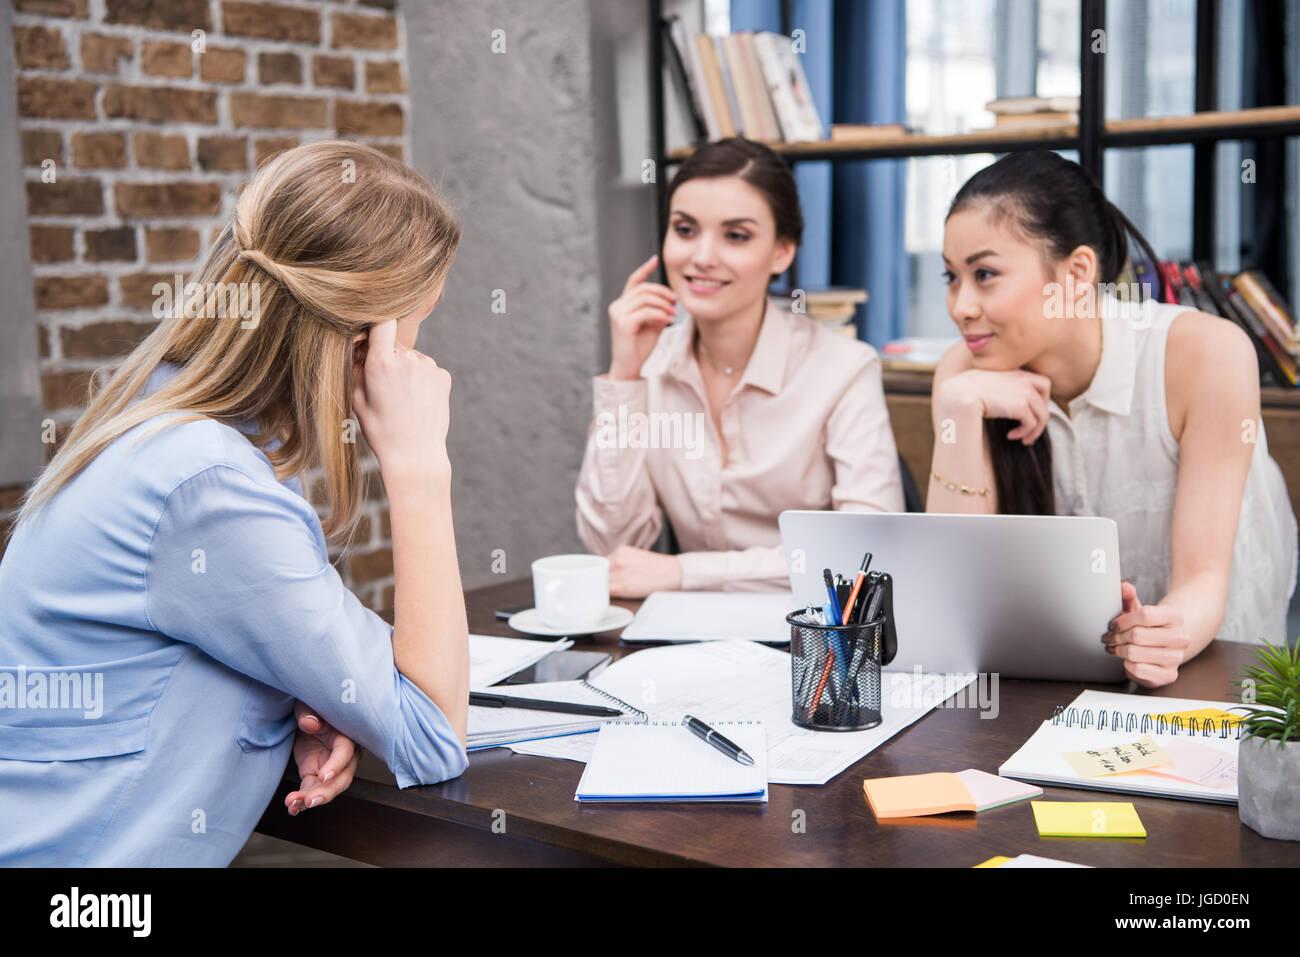 schönes Lächeln multikulturelle Geschäftsfrauen diskutieren Projekt am Arbeitsplatz mit laptop Stockbild